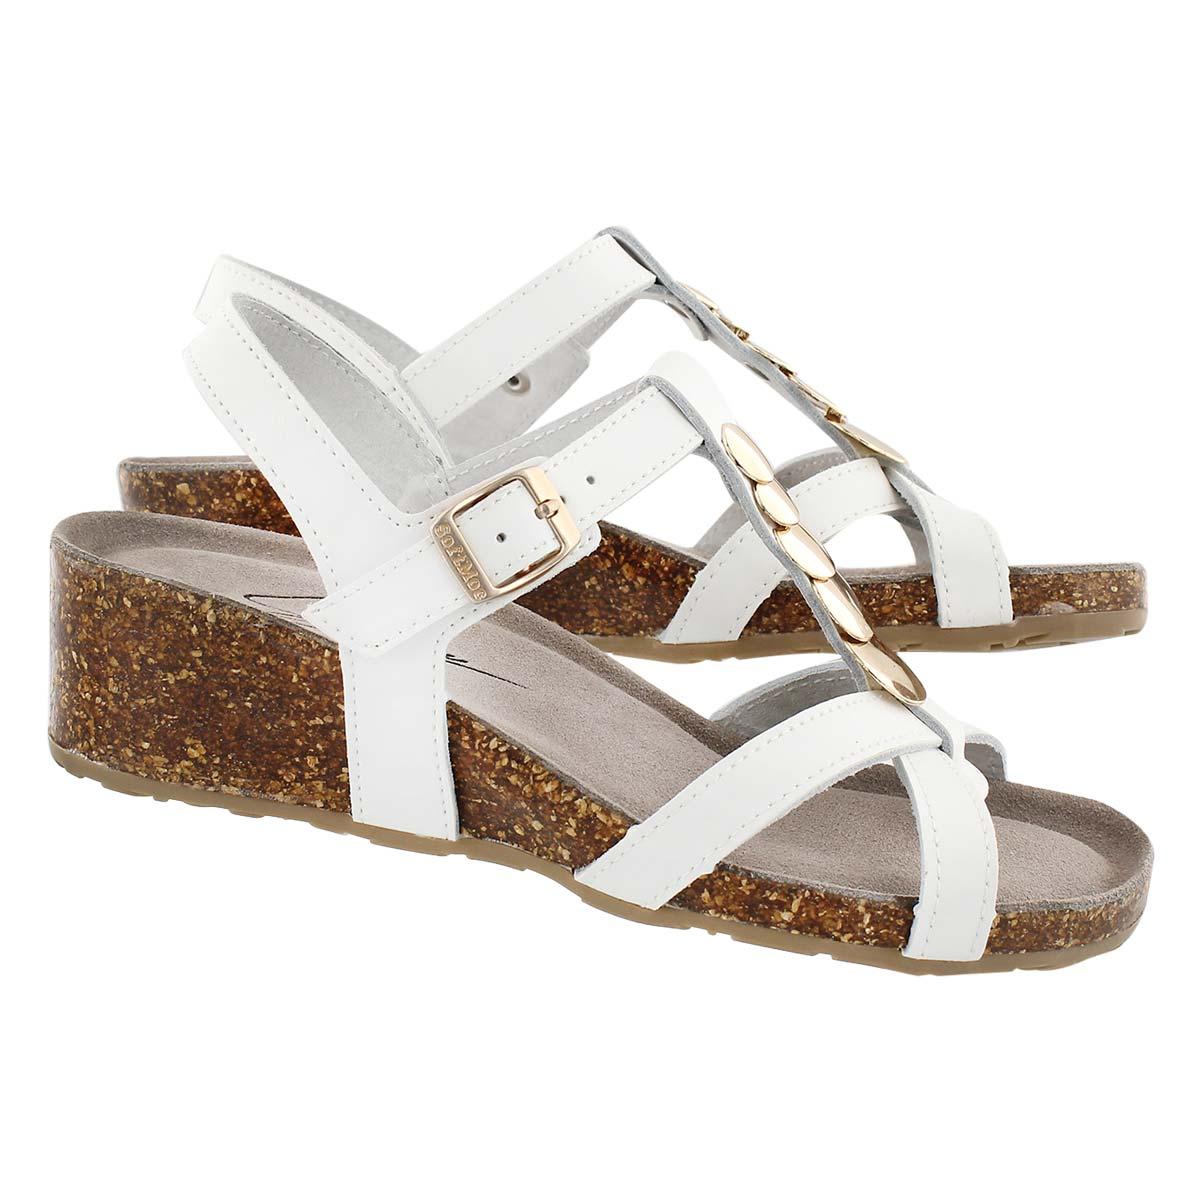 Sandale av msse visc GABRIELE, blnc, fem